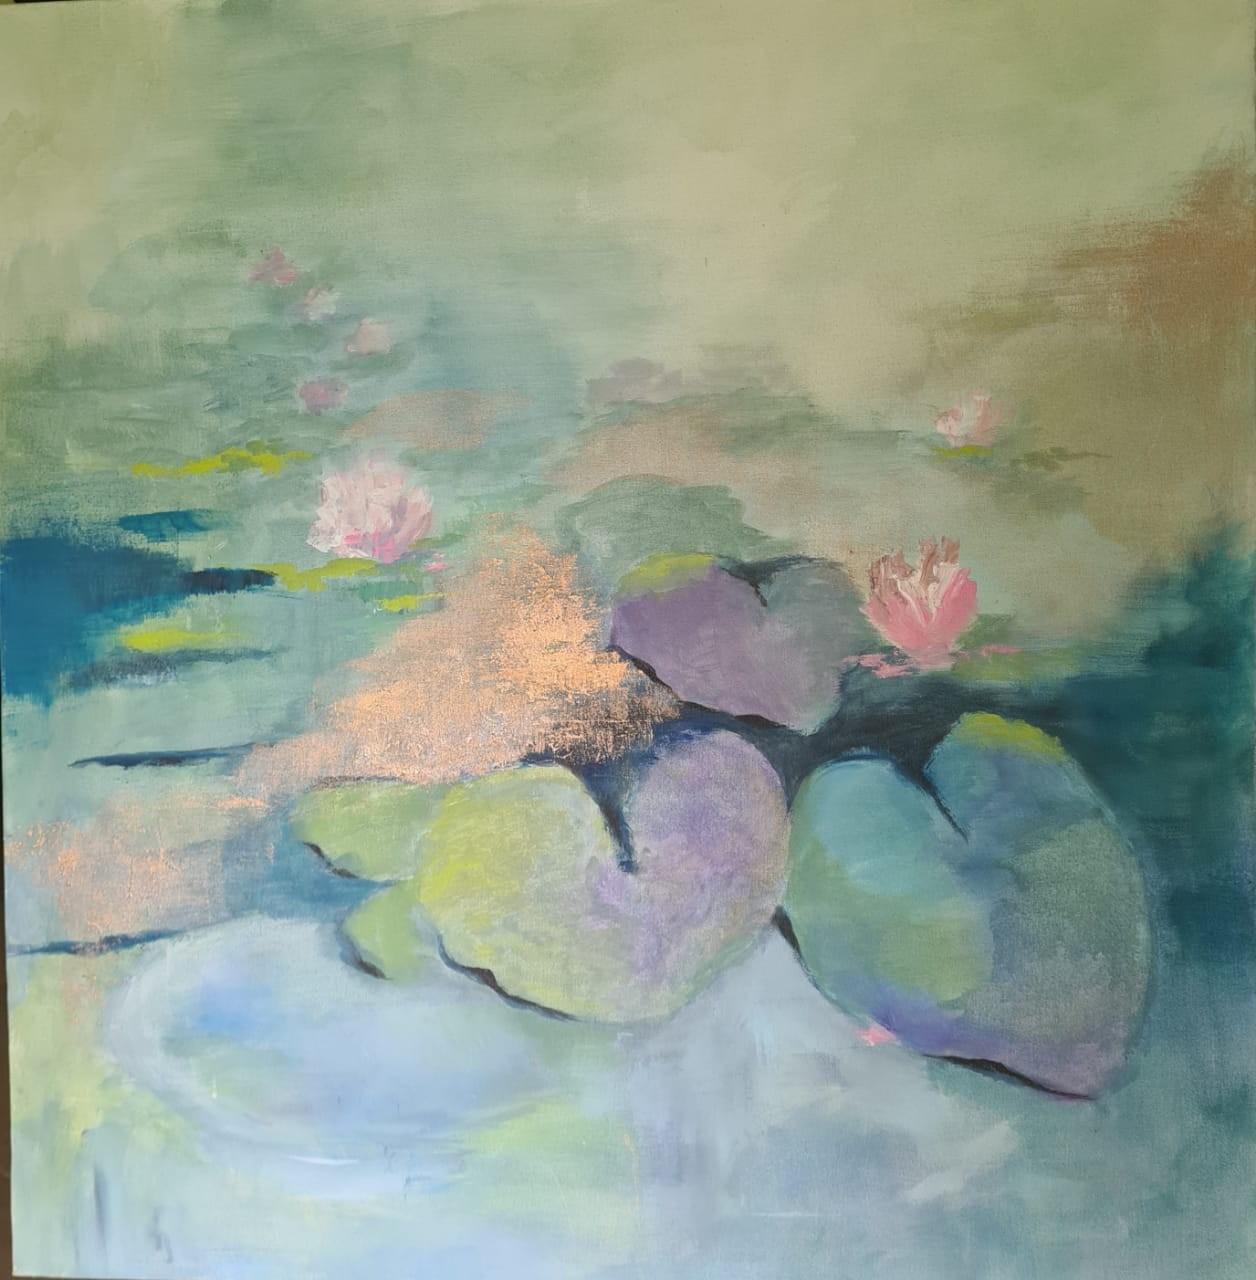 Lotus splendour 1 by Jean wijesekera